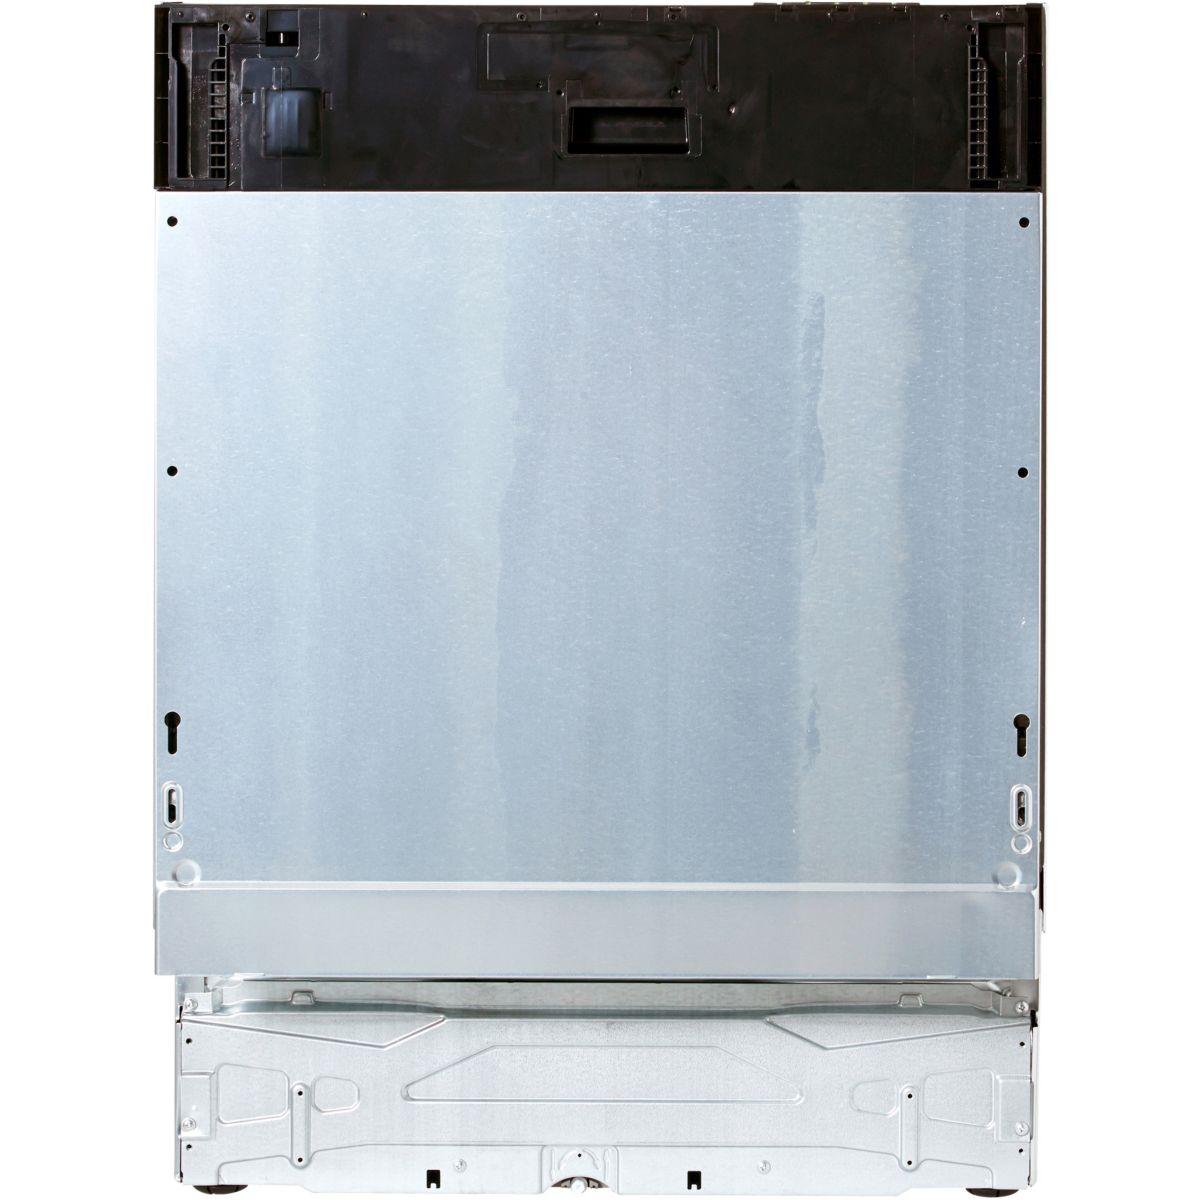 Lave vaisselle intégrable faure fdt2610fa soldes et bonnes affaires à prix imbattables